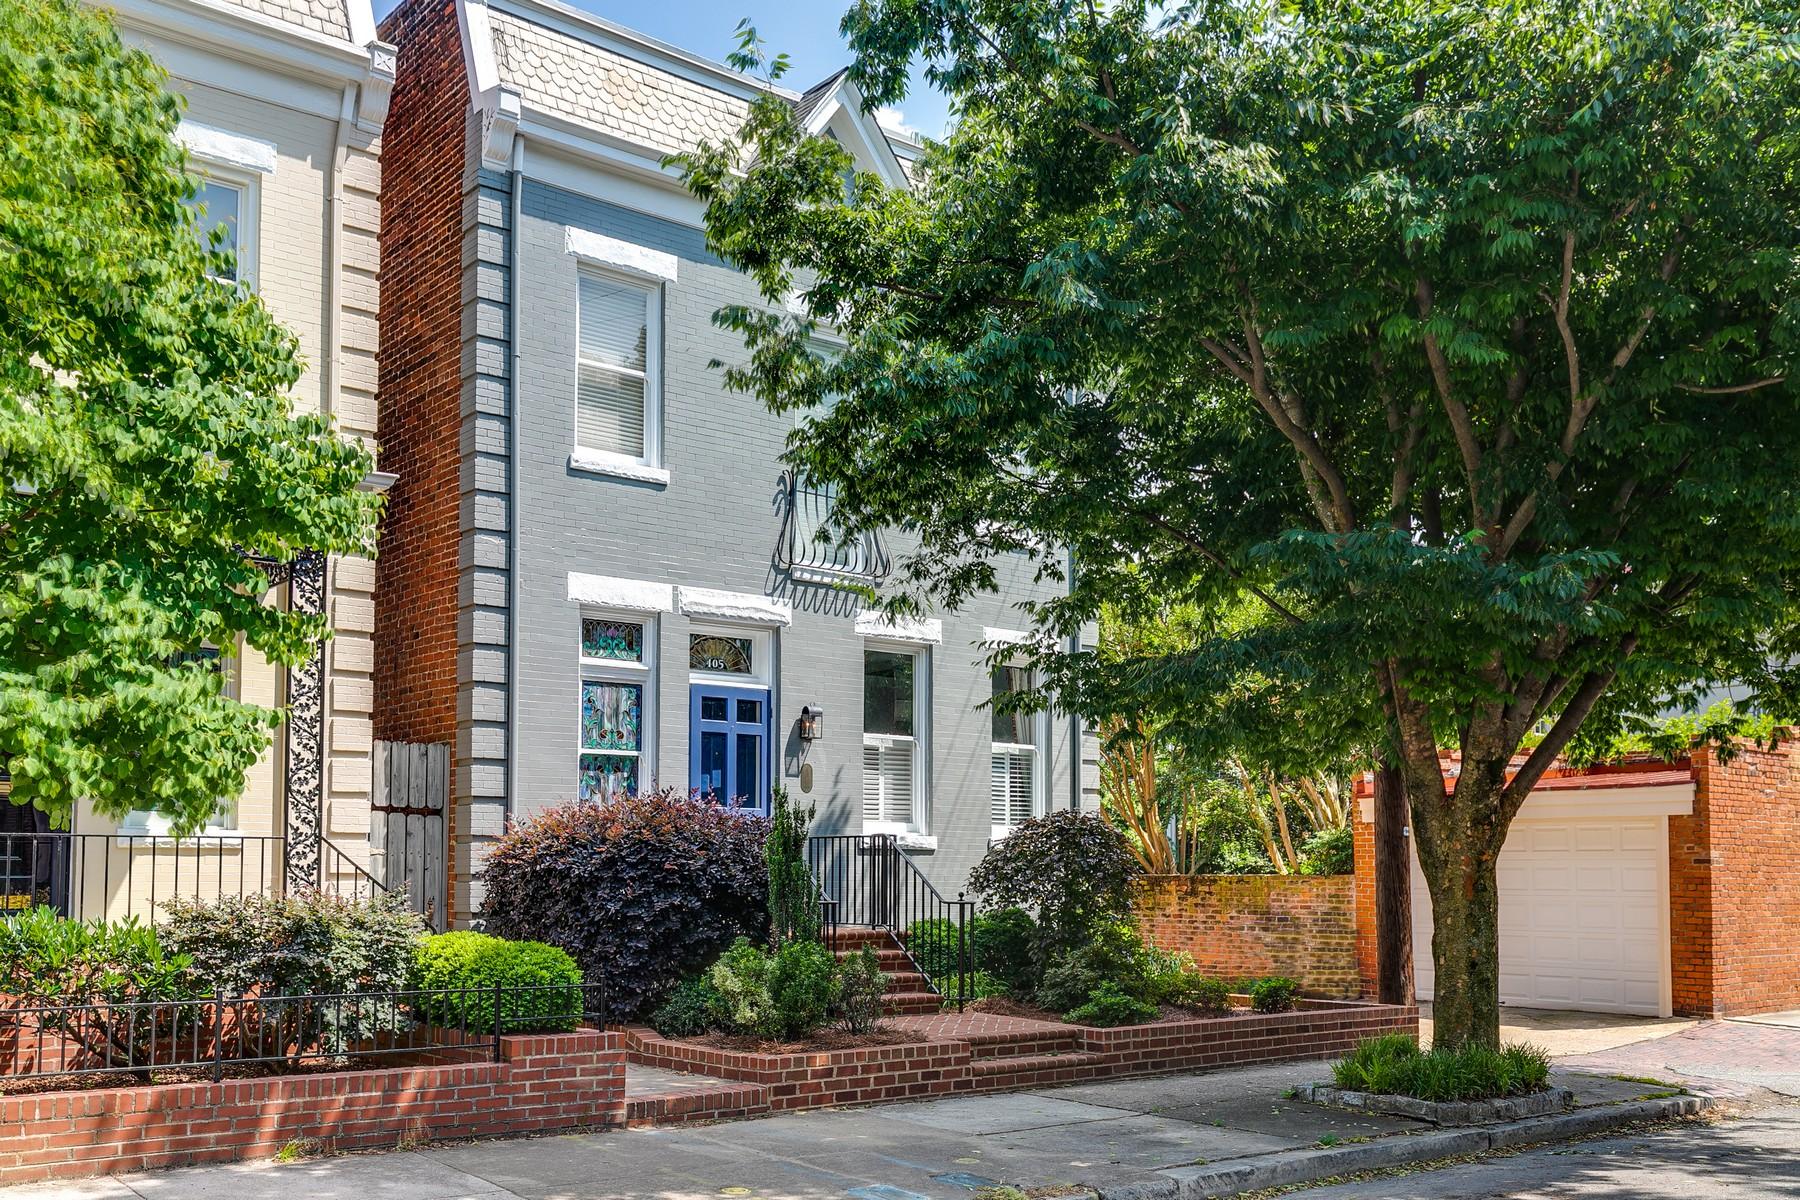 Частный односемейный дом для того Продажа на 405 N. Shields Avenue Richmond, Виргиния 23220 Соединенные Штаты